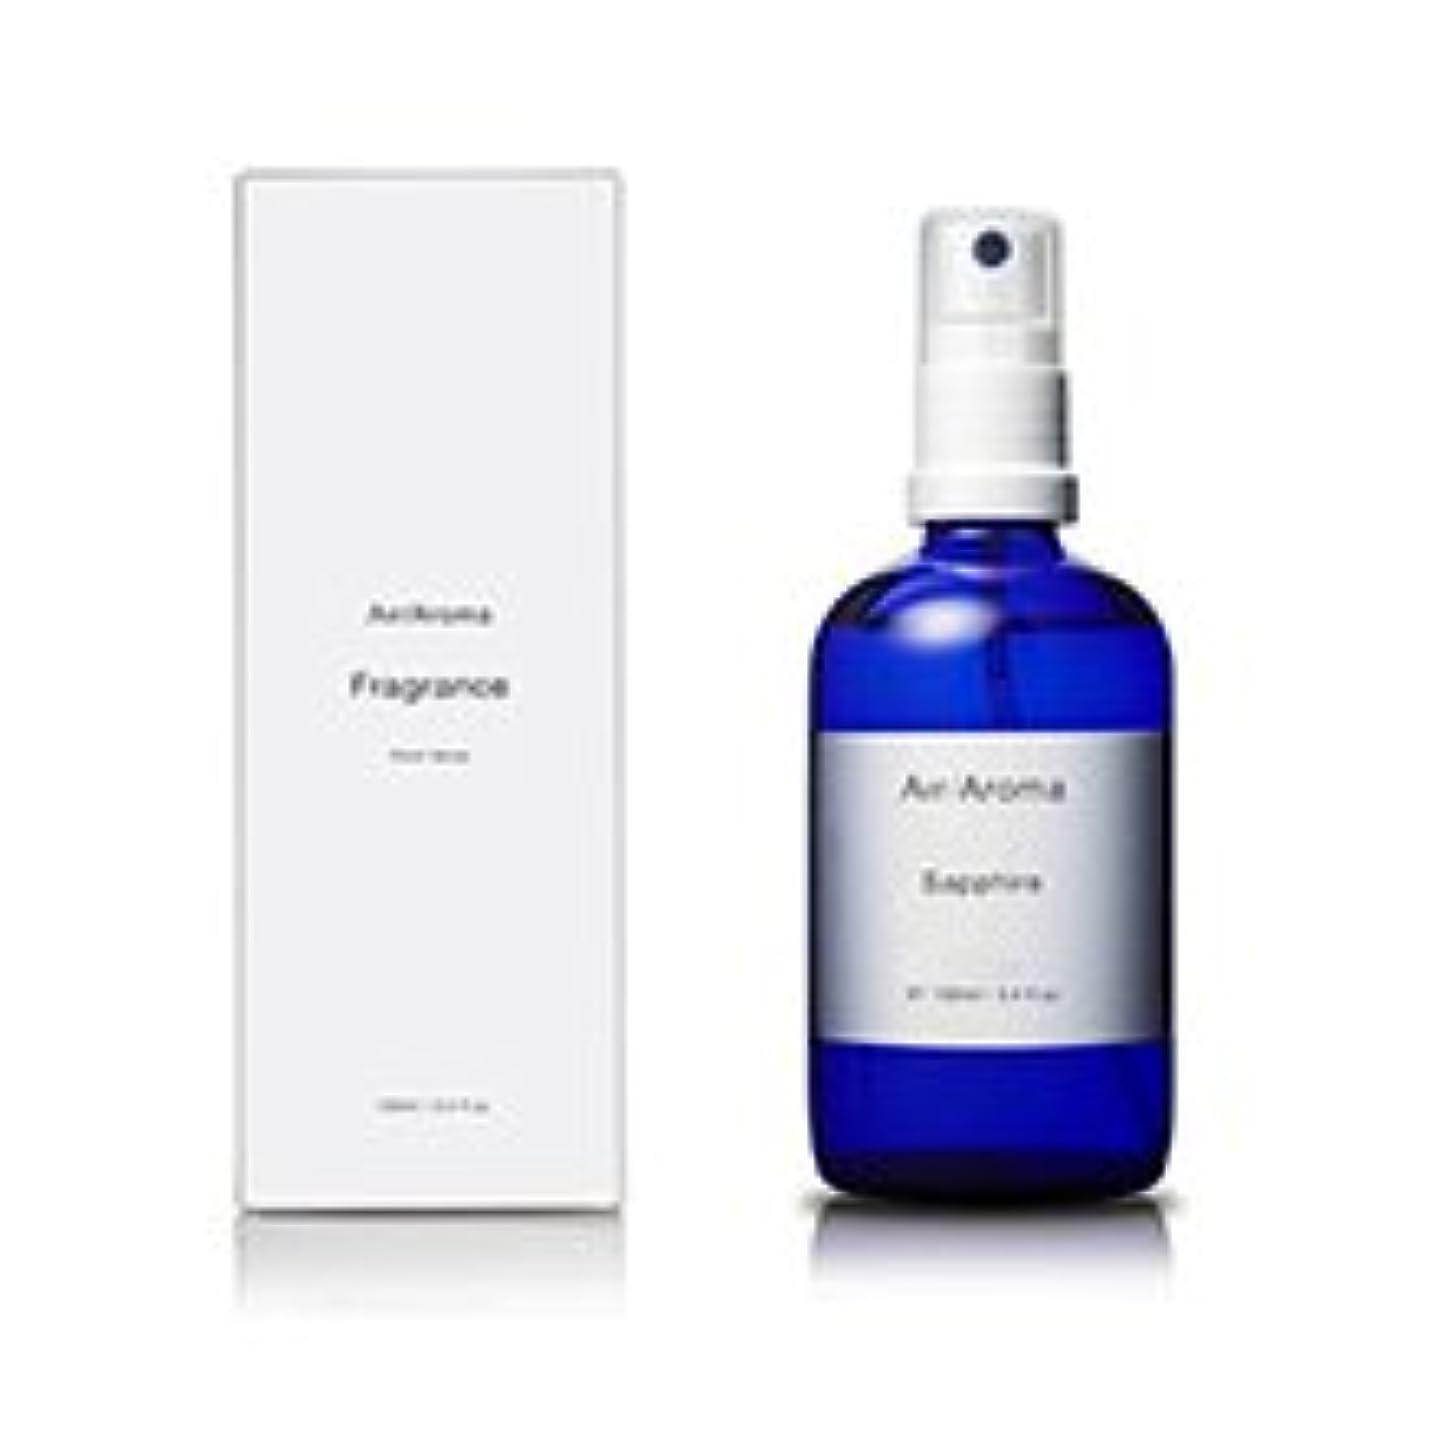 石化する慎重誠実さエアアロマ sapphire room fragrance(サファイア ルームフレグランス) 100ml